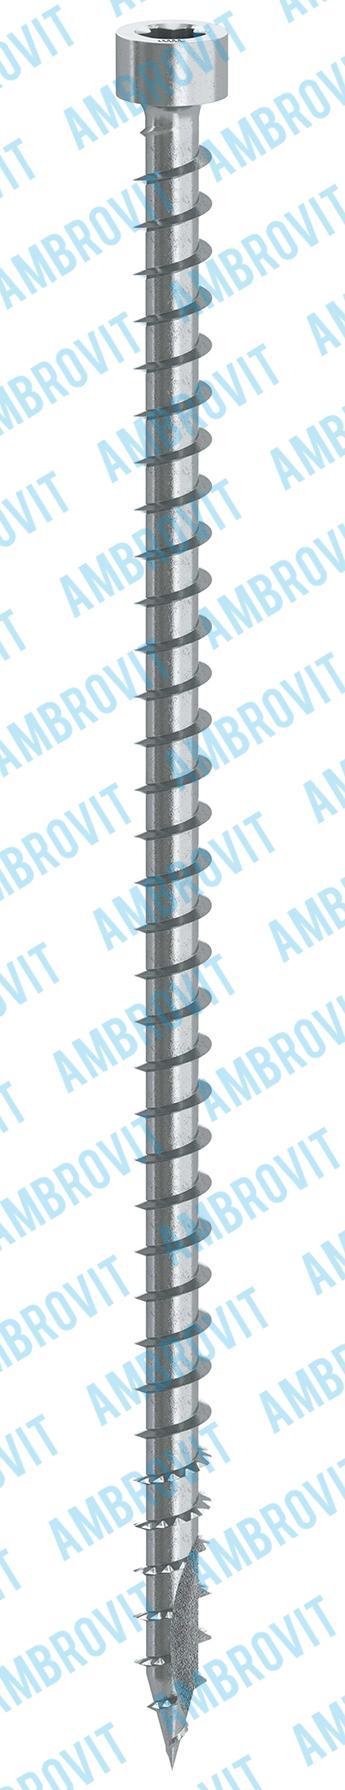 Tornillos para carpintería cabeza cilíndrica TX rosca total y punta type 17 dentada